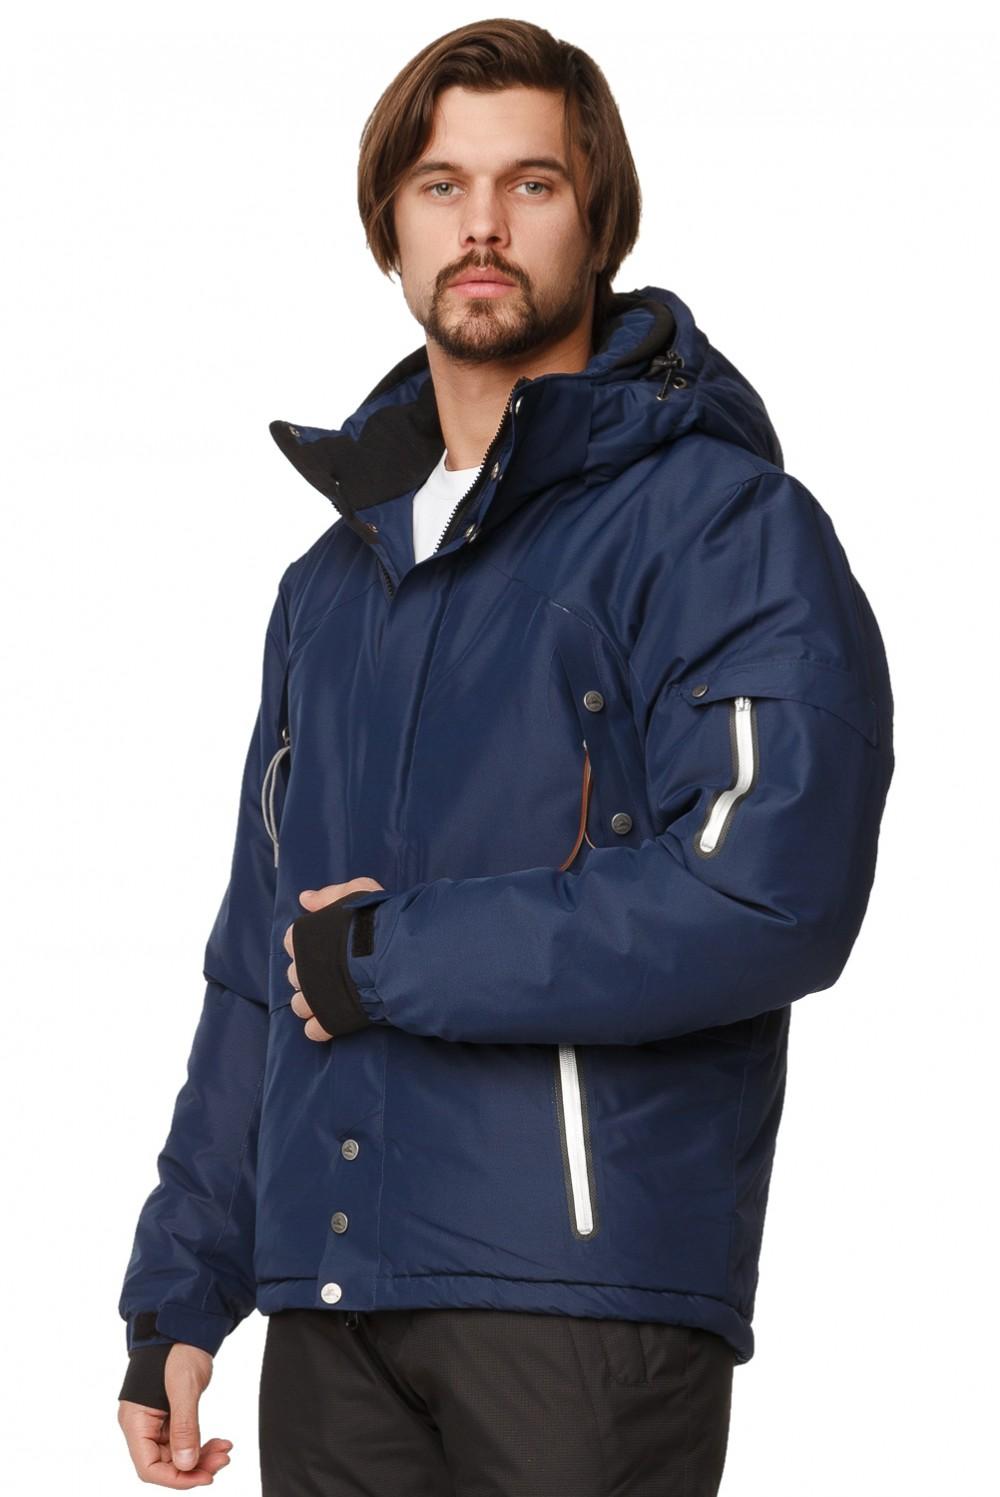 Купить оптом Костюм горнолыжный мужской темно-синего цвета 01788TS в Казани